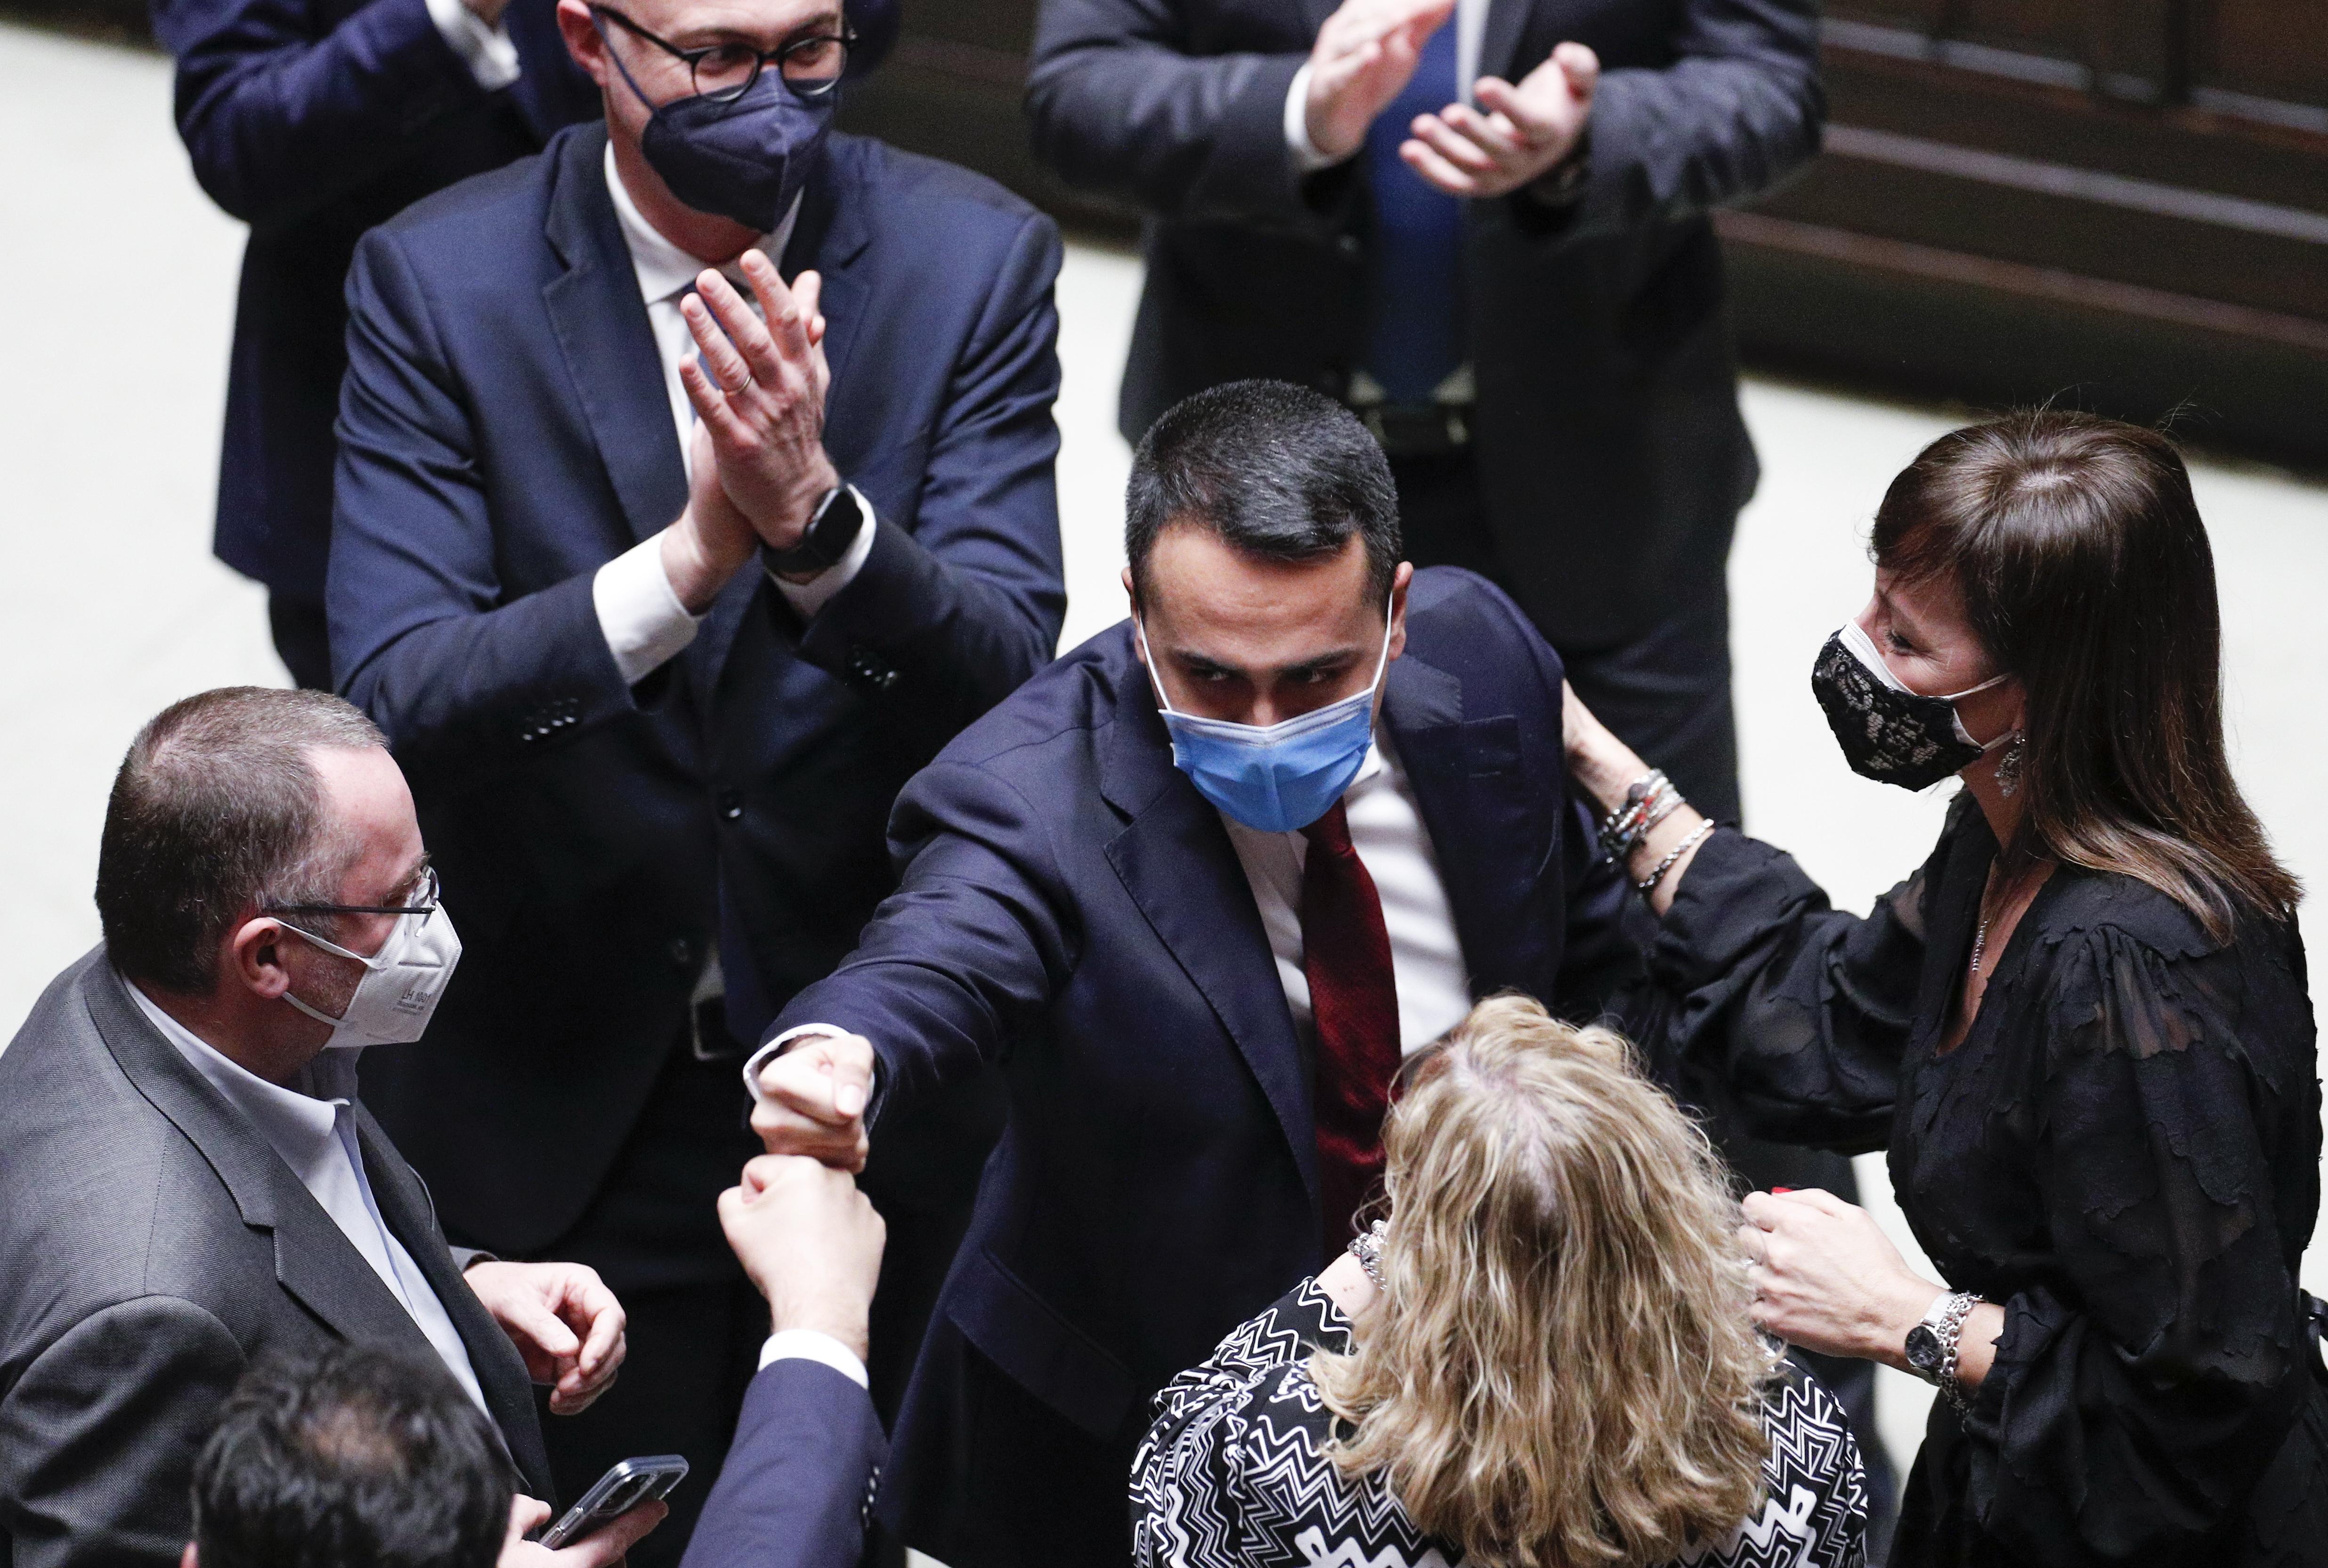 Az alsóházban bizalmat kapott Conte, de kedden újabb megpróbáltatás vár az olasz kormányra